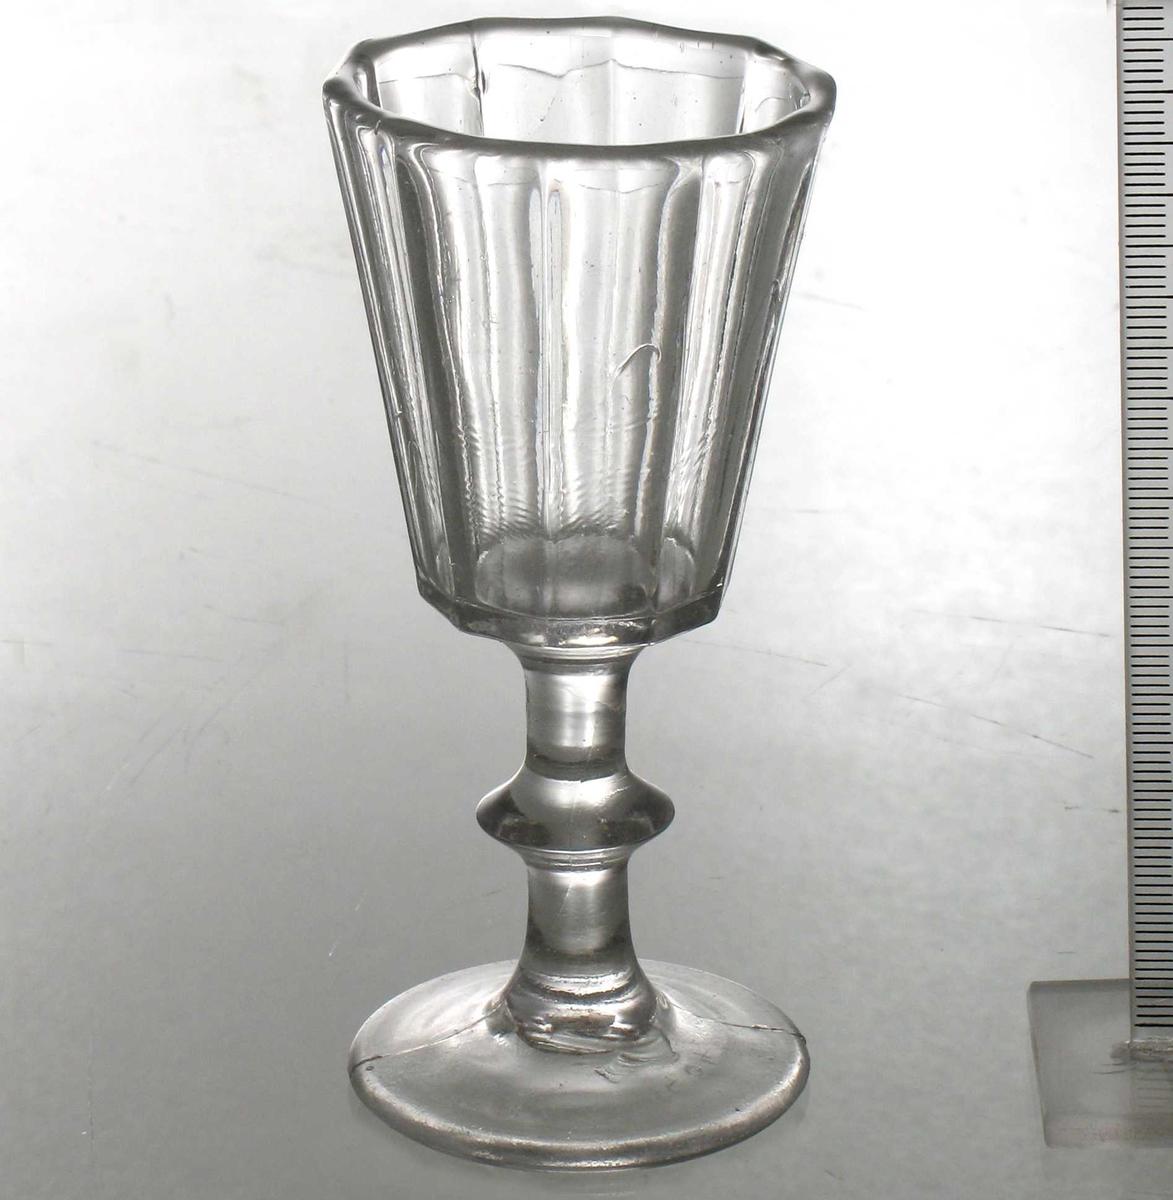 Pressglass. Rund glatt fot med støperand tvers over.  Rund stett med en baluster pm. Kantet  beger med skrå, rette sider.